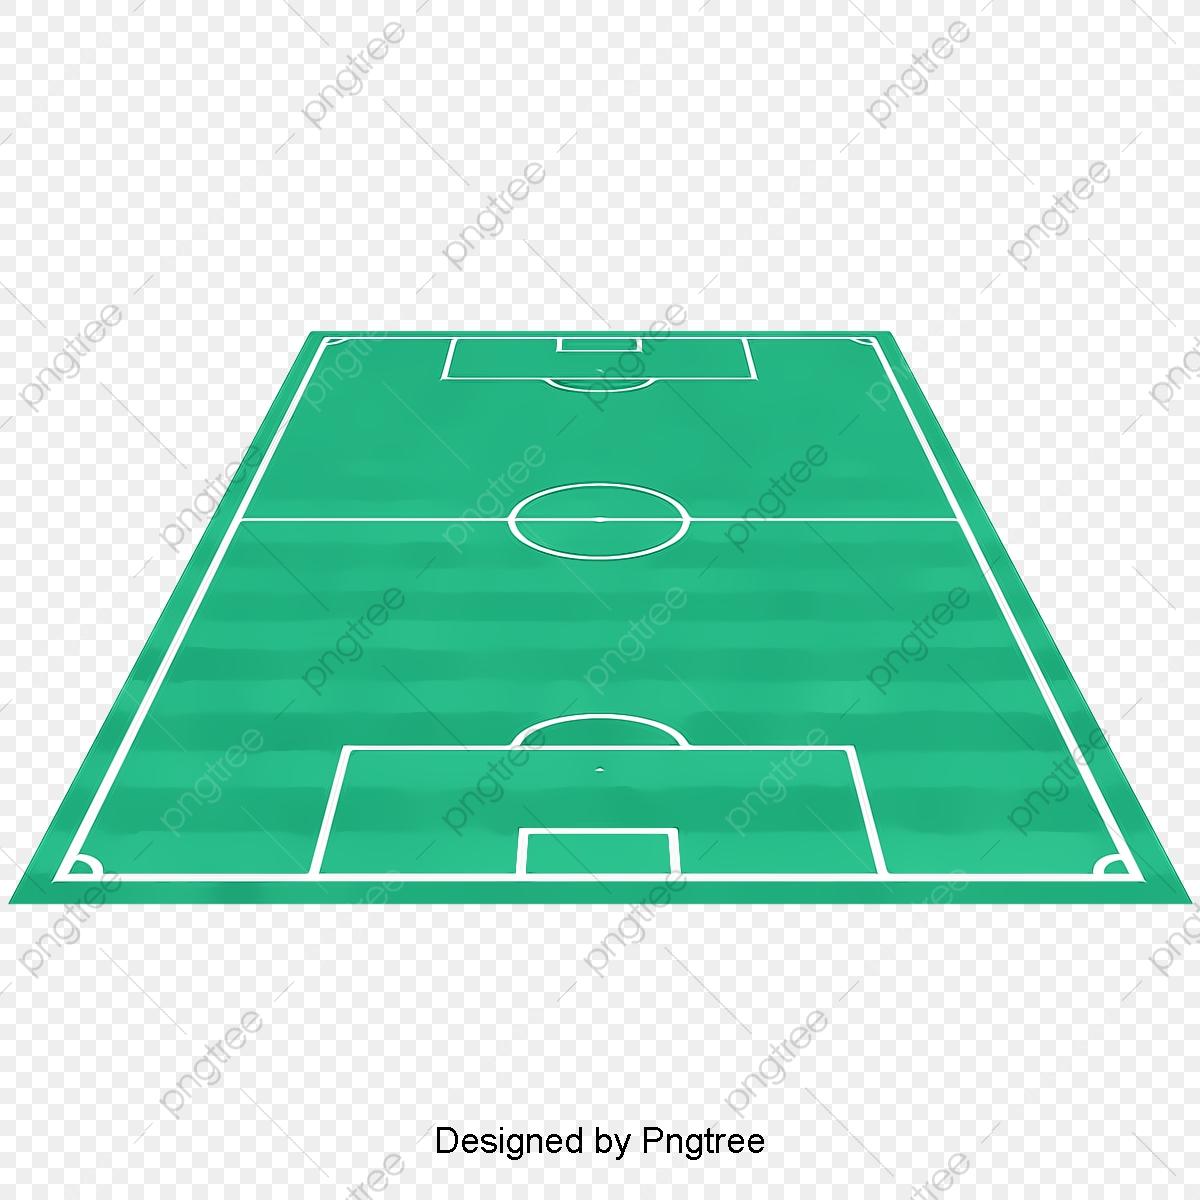 Campo De Futebol, Campo De Futebol, Fundo Verde, O Futebol Arquivo.